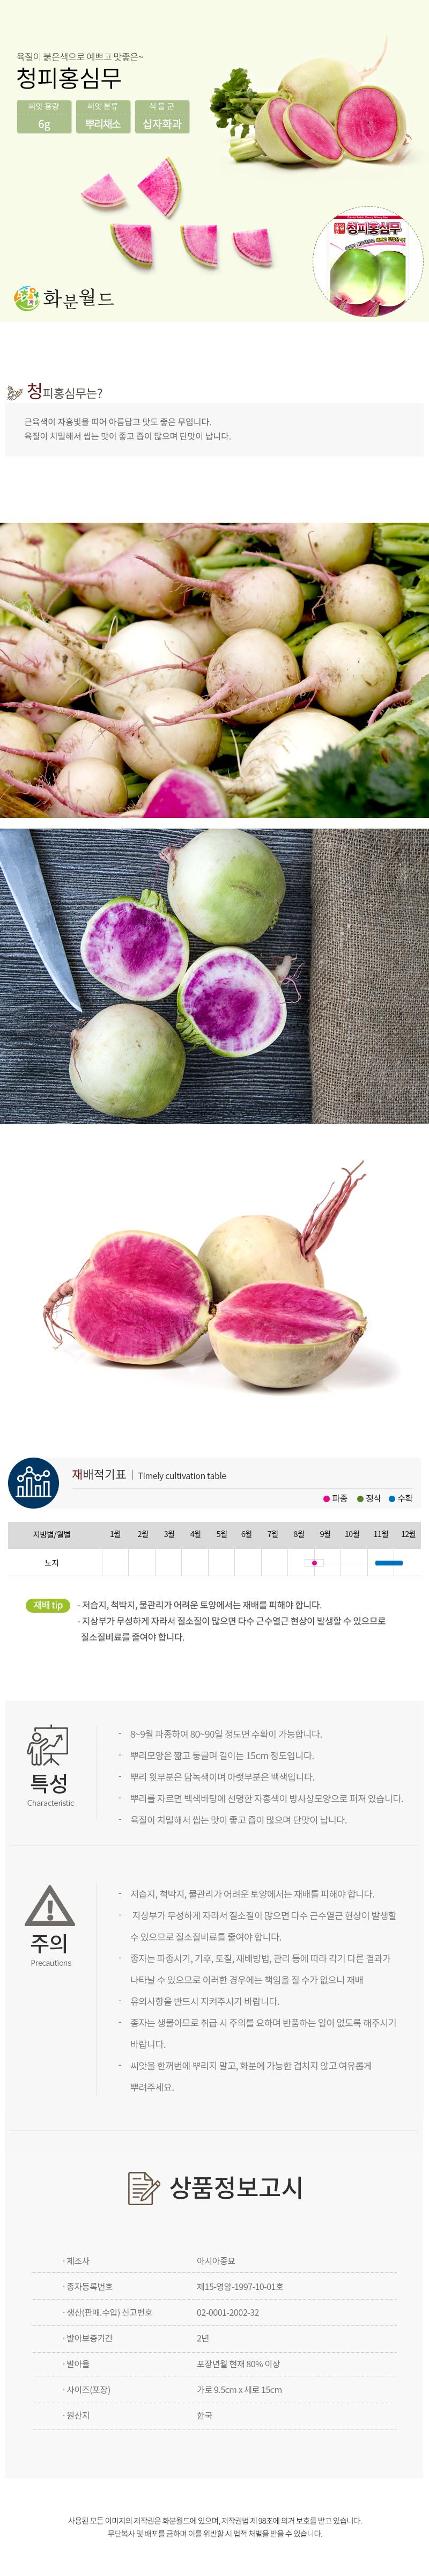 화분월드 청피홍심무 씨앗 (500립) - 화분월드, 1,900원, 새싹/모종키우기, 씨앗